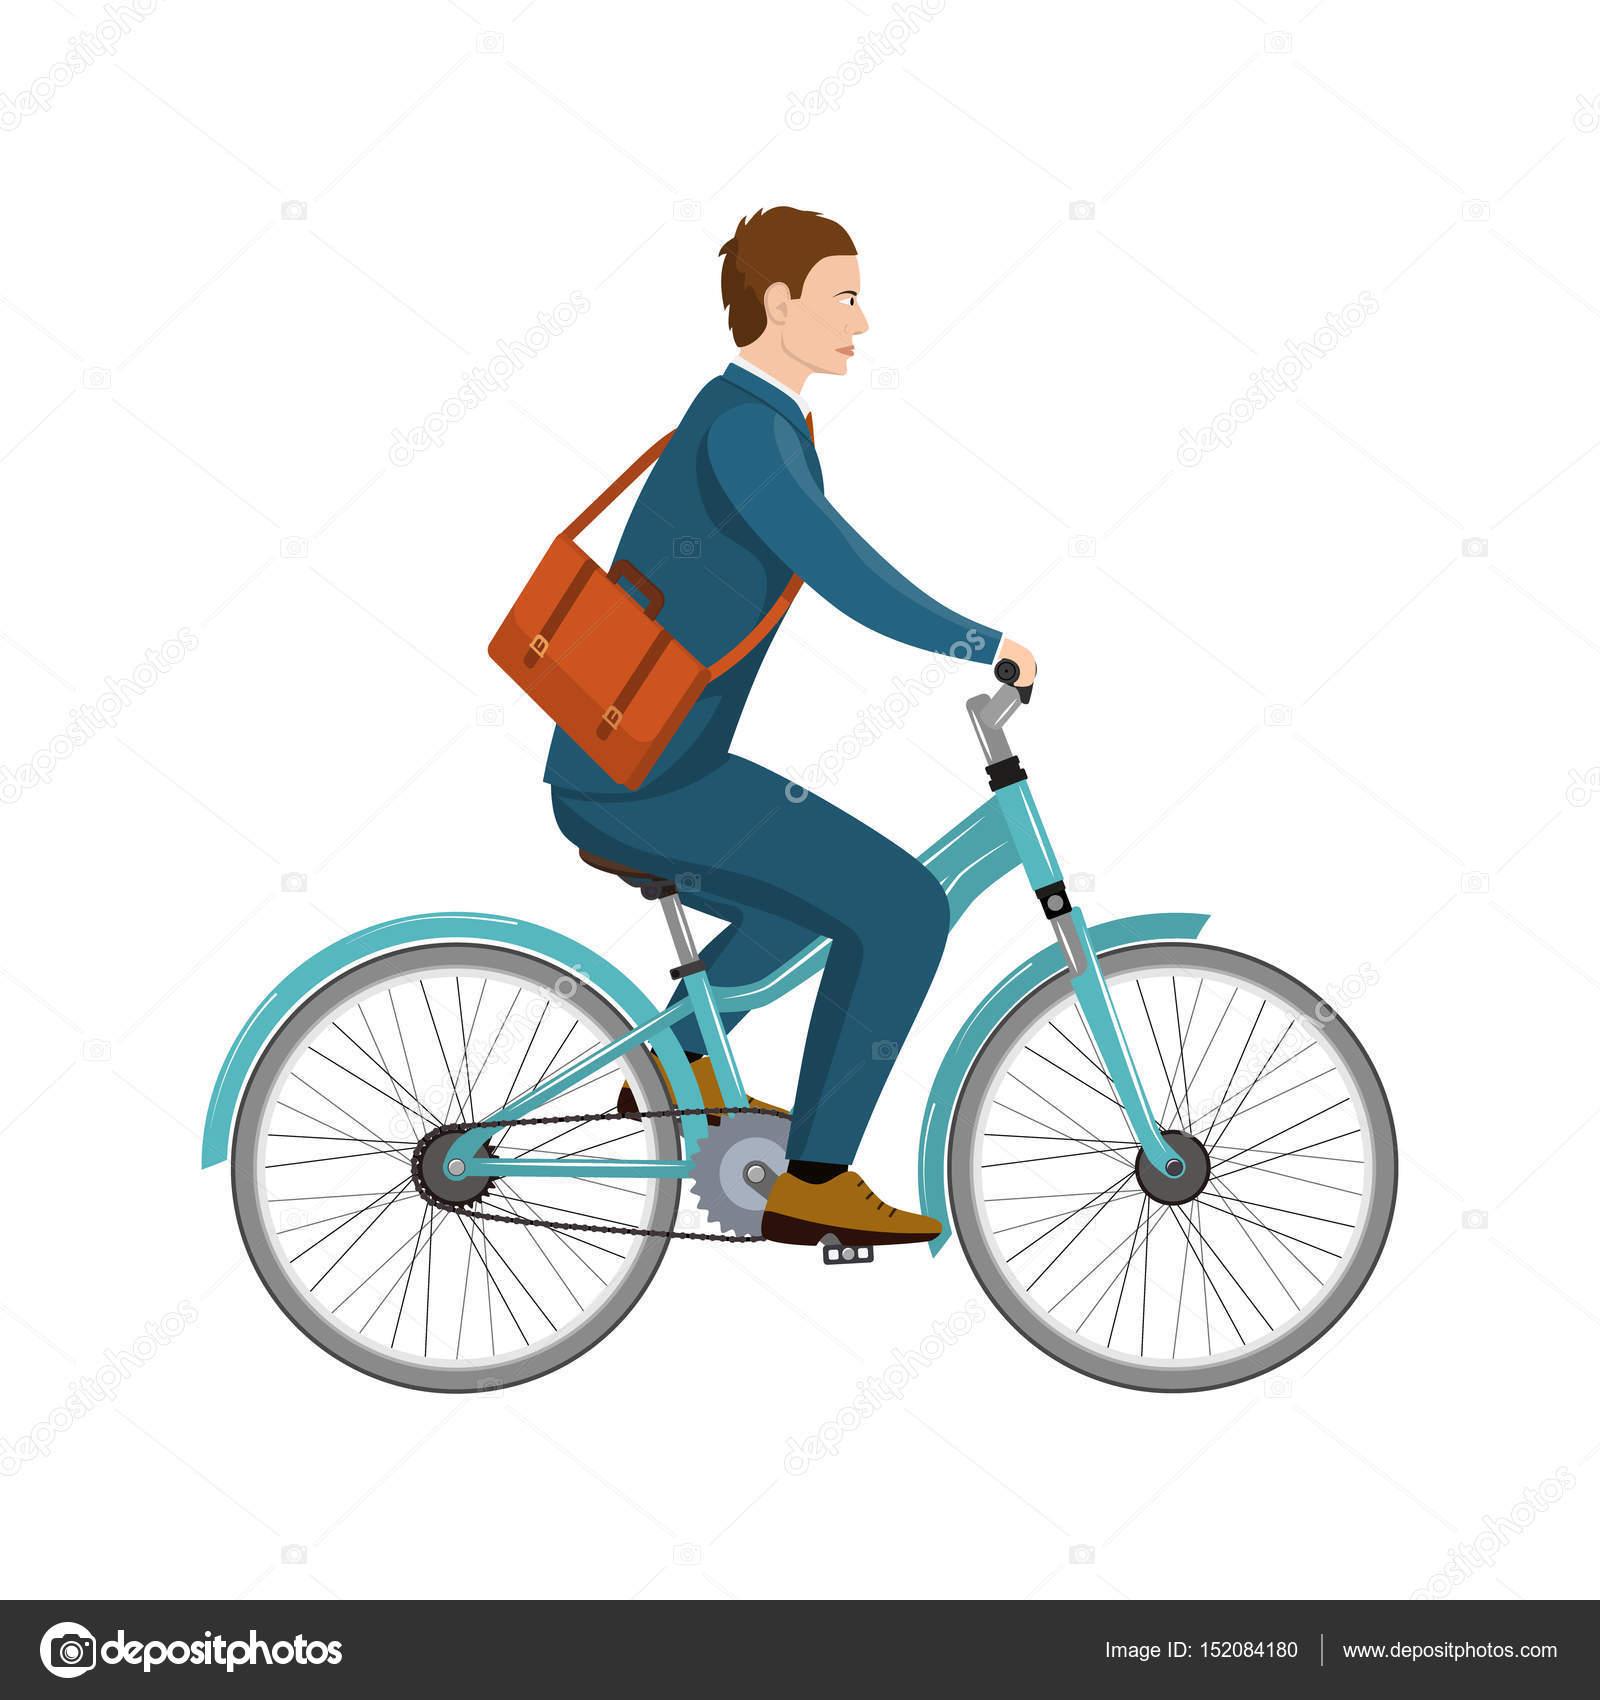 simples dos desenhos animados do empresário andando de bicicleta